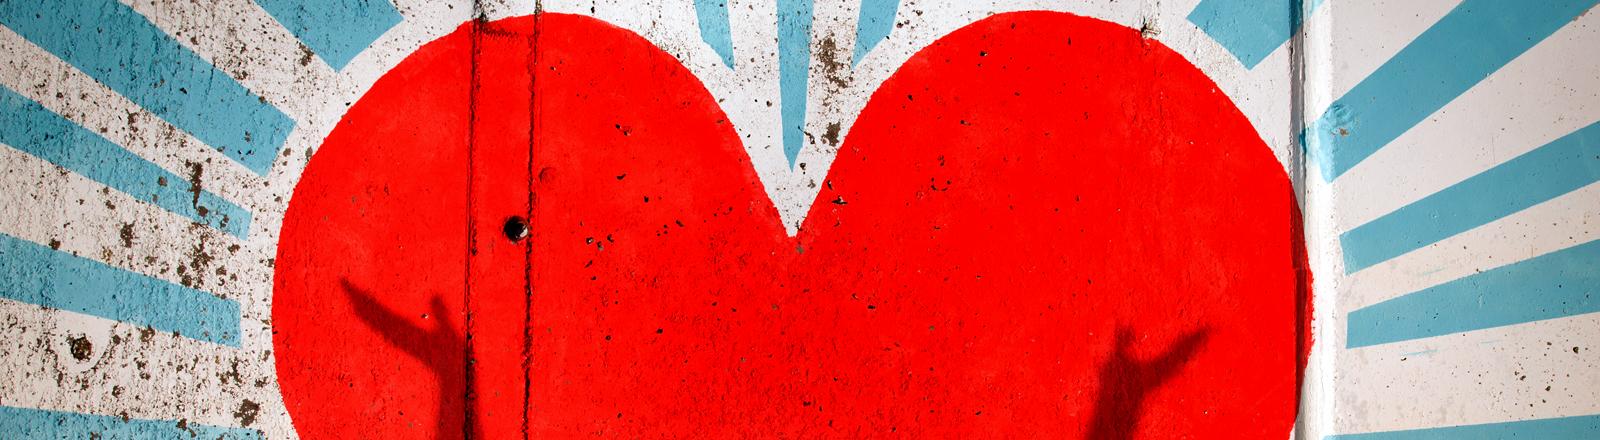 Ein Grafitti Herz, davor ein Schatten, der die Hände in die Luft hebt